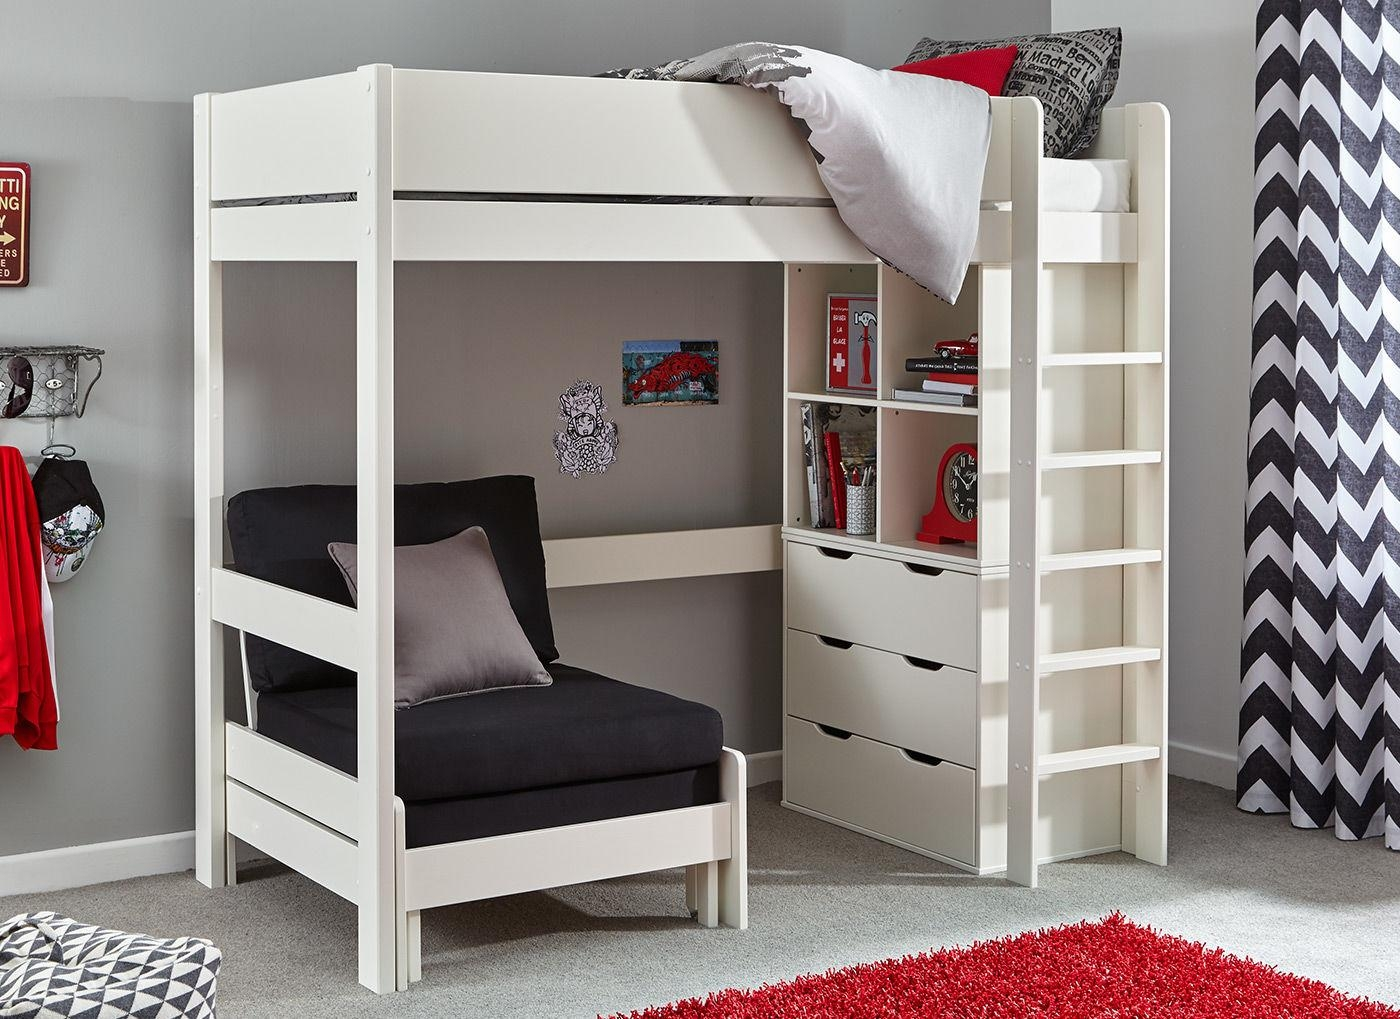 High Sleeper Bed With Desk And Sofa Elegant High Sleeper